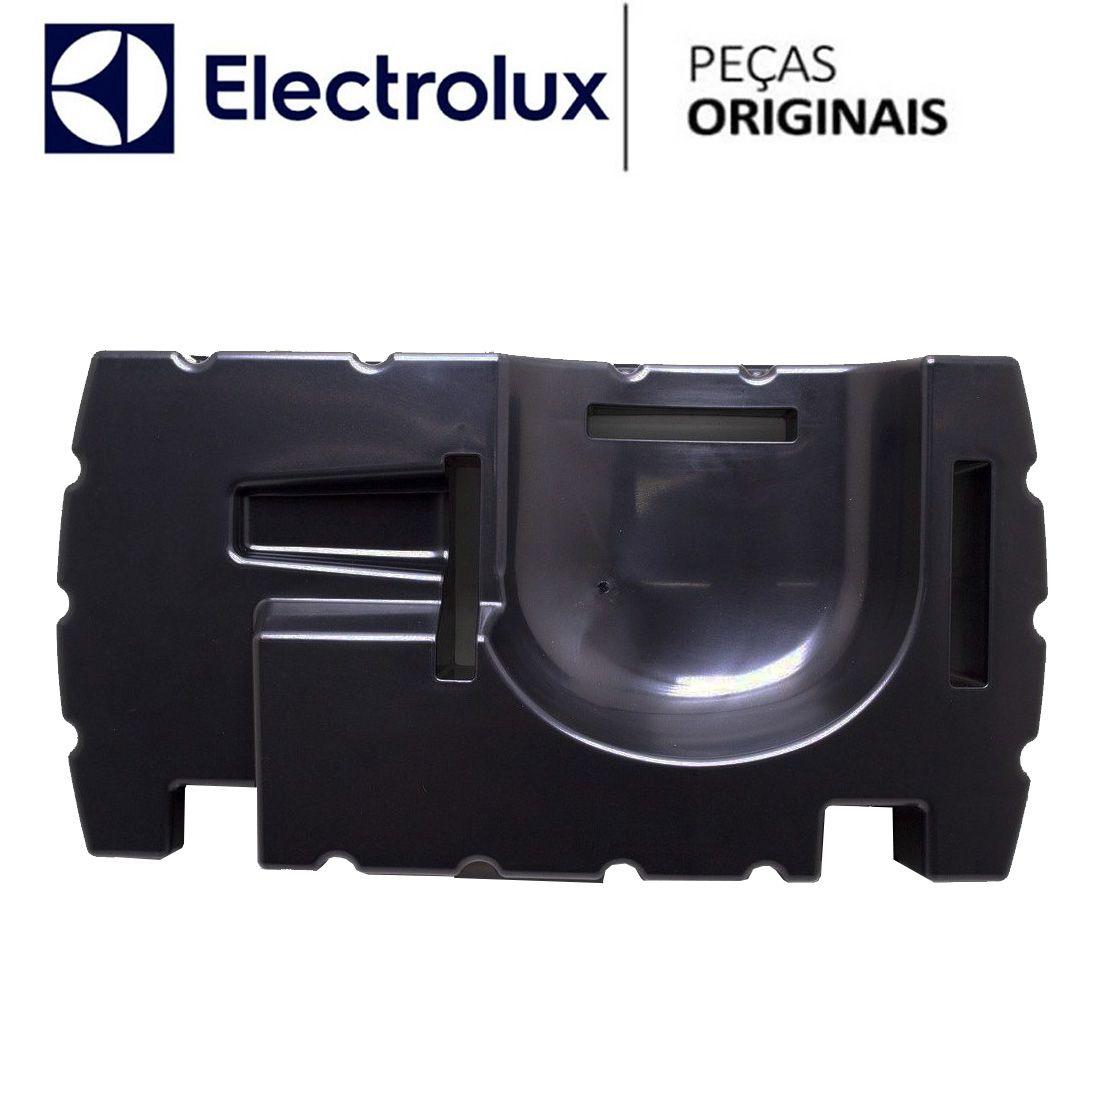 Recipiente De Evaporação Refrigerador Electrolux 67402819